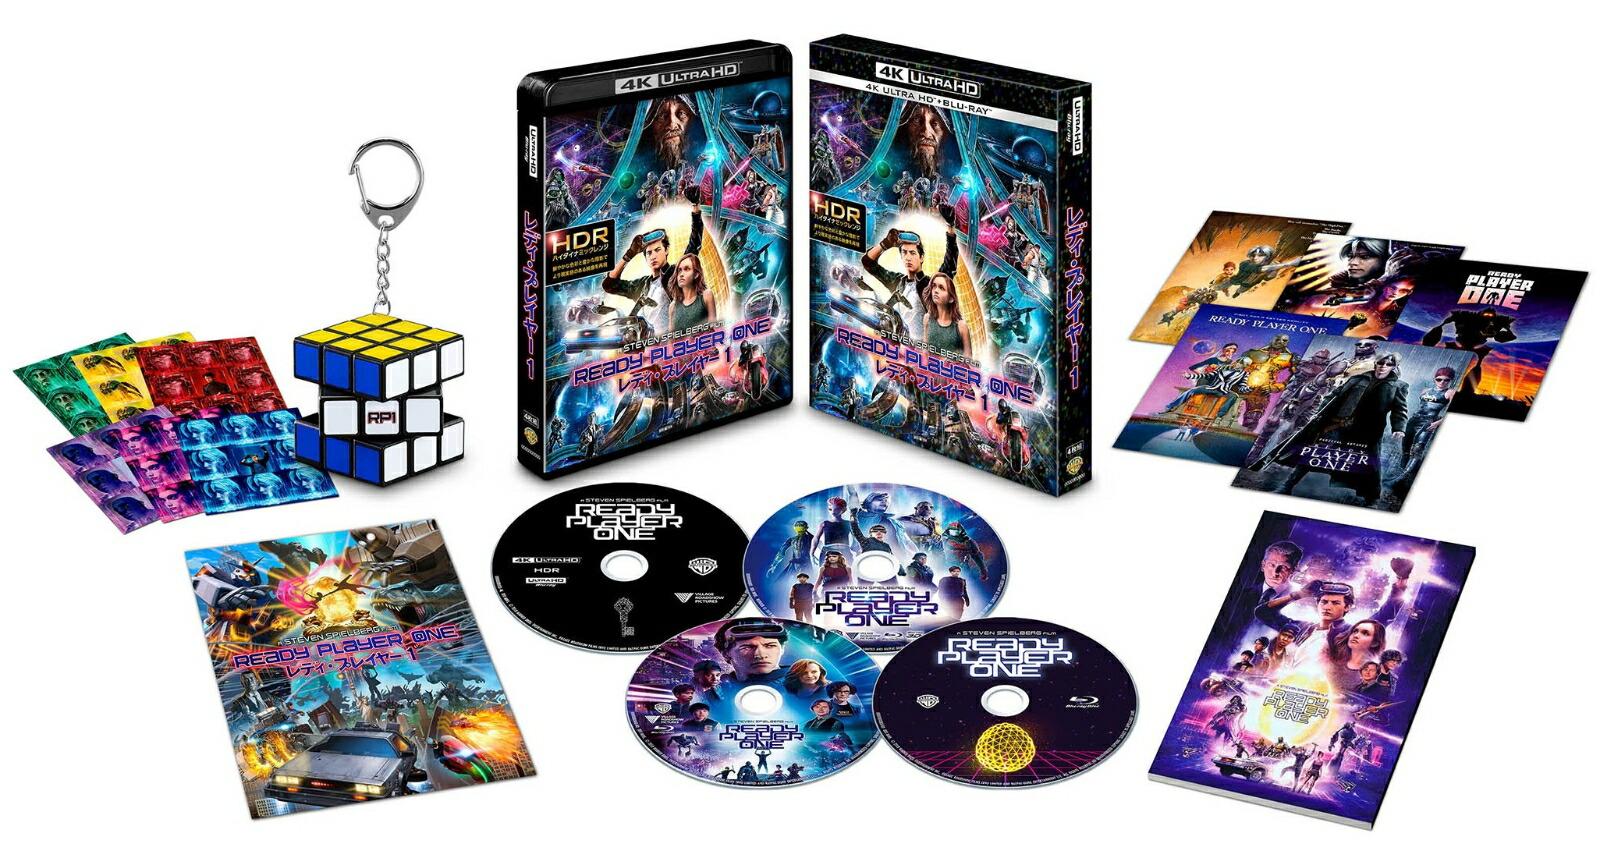 【数量限定生産】レディ・プレイヤー1 プレミアム・エディション<4K ULTRA HD&3D&2D&特典ブルーレイセット>[1000725881][Ultra HD Blu-ray]